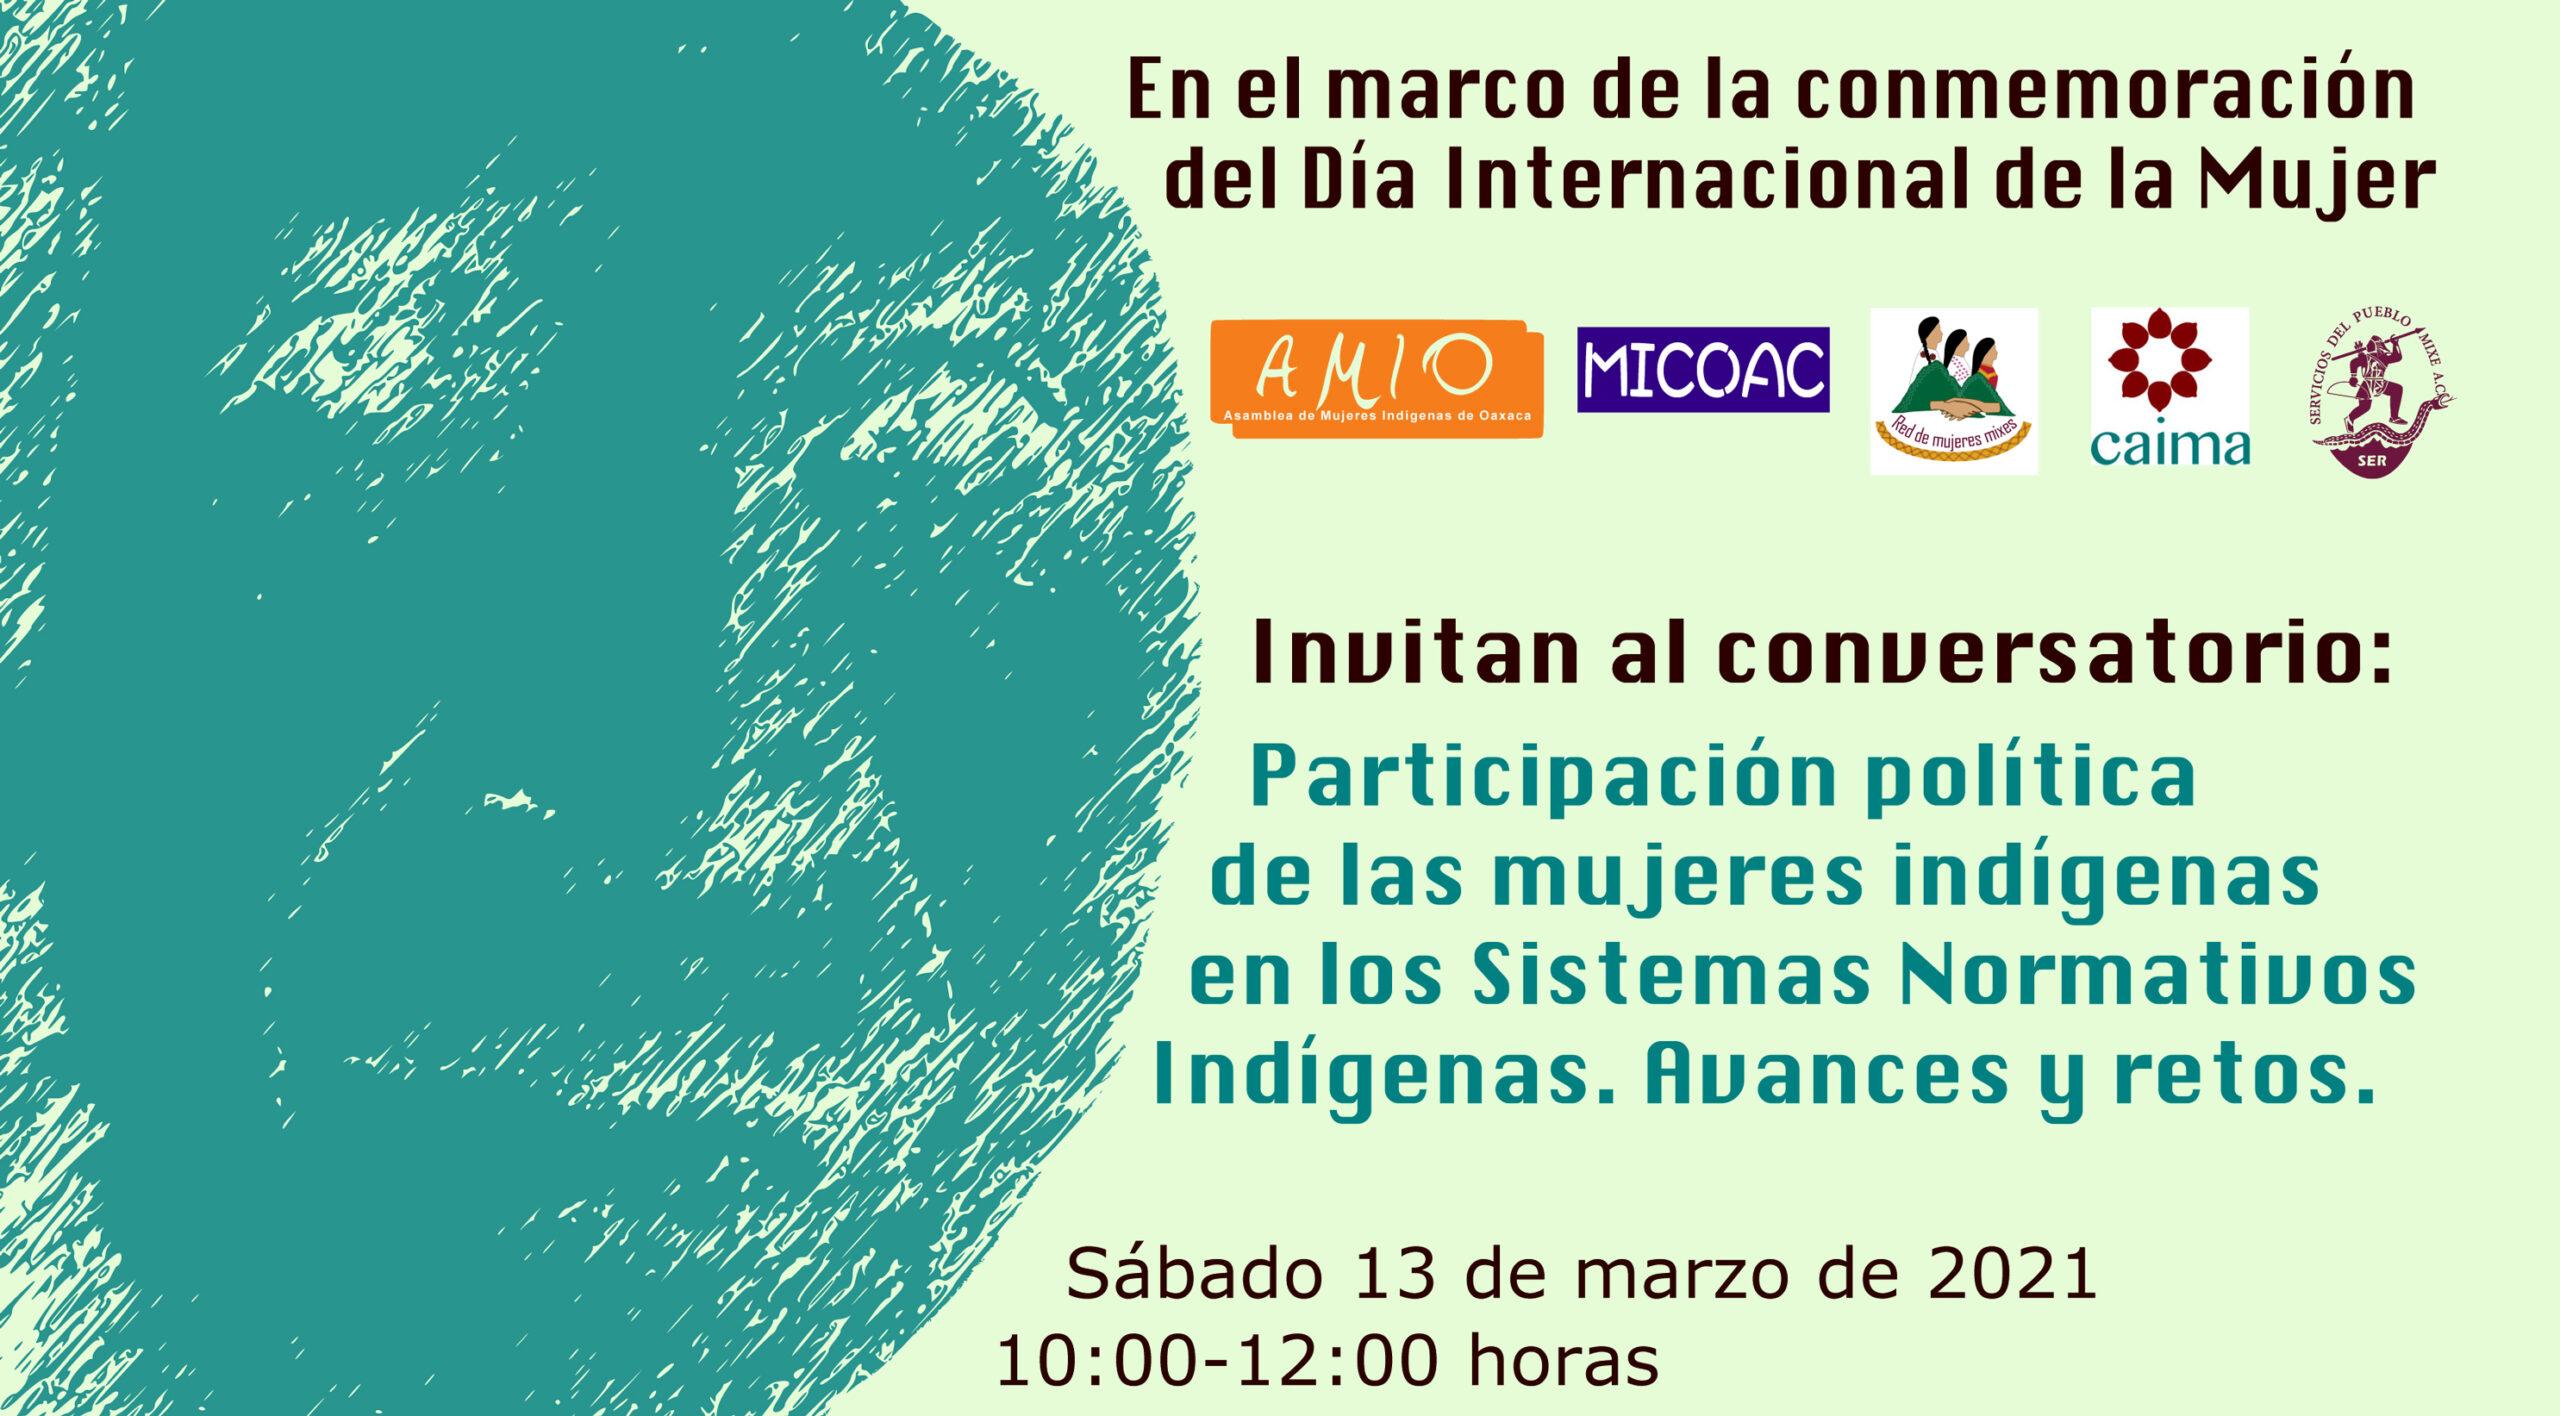 Regístrate para el conversatorio: Participación política de las mujeres indígenas en los Sistemas Normativos Indígenas. Avances y retos. Sábado 13 de marzo de 2021, 10:00-12:00 horas